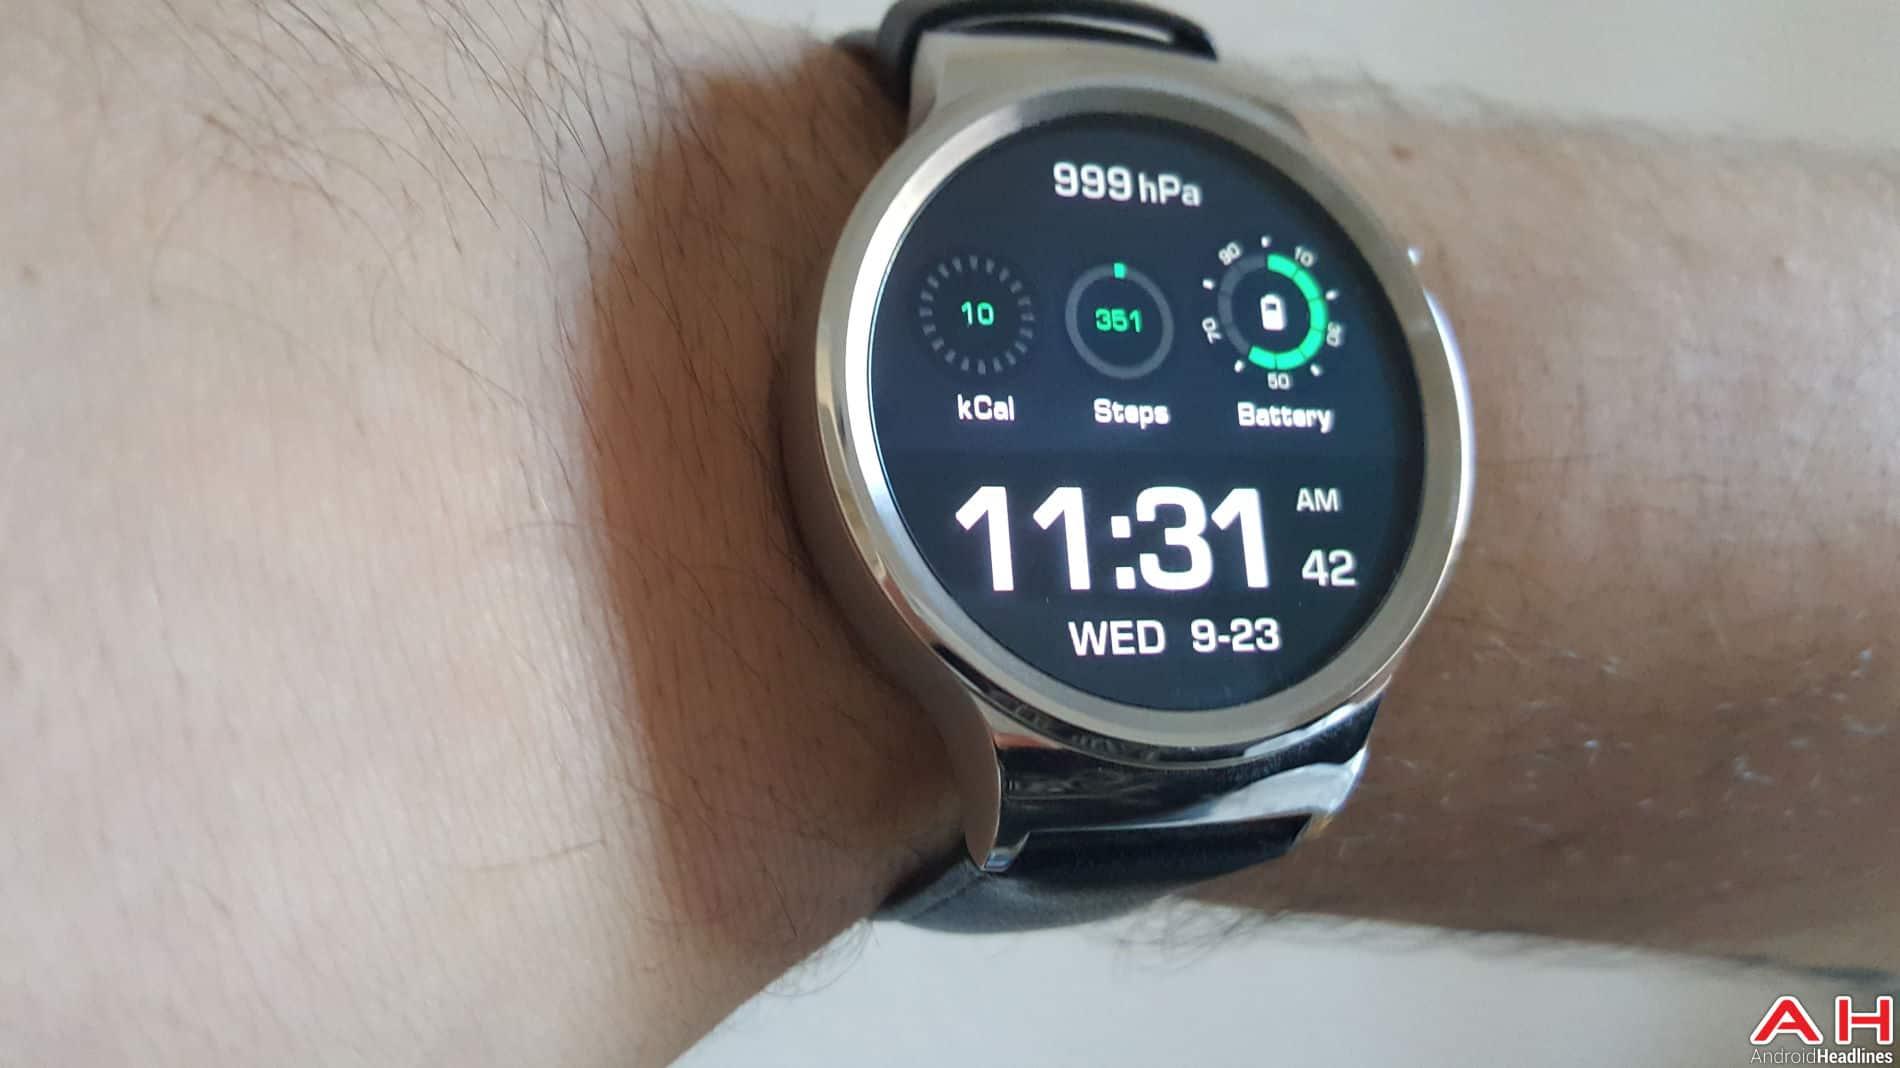 Huawei Watch AH 141